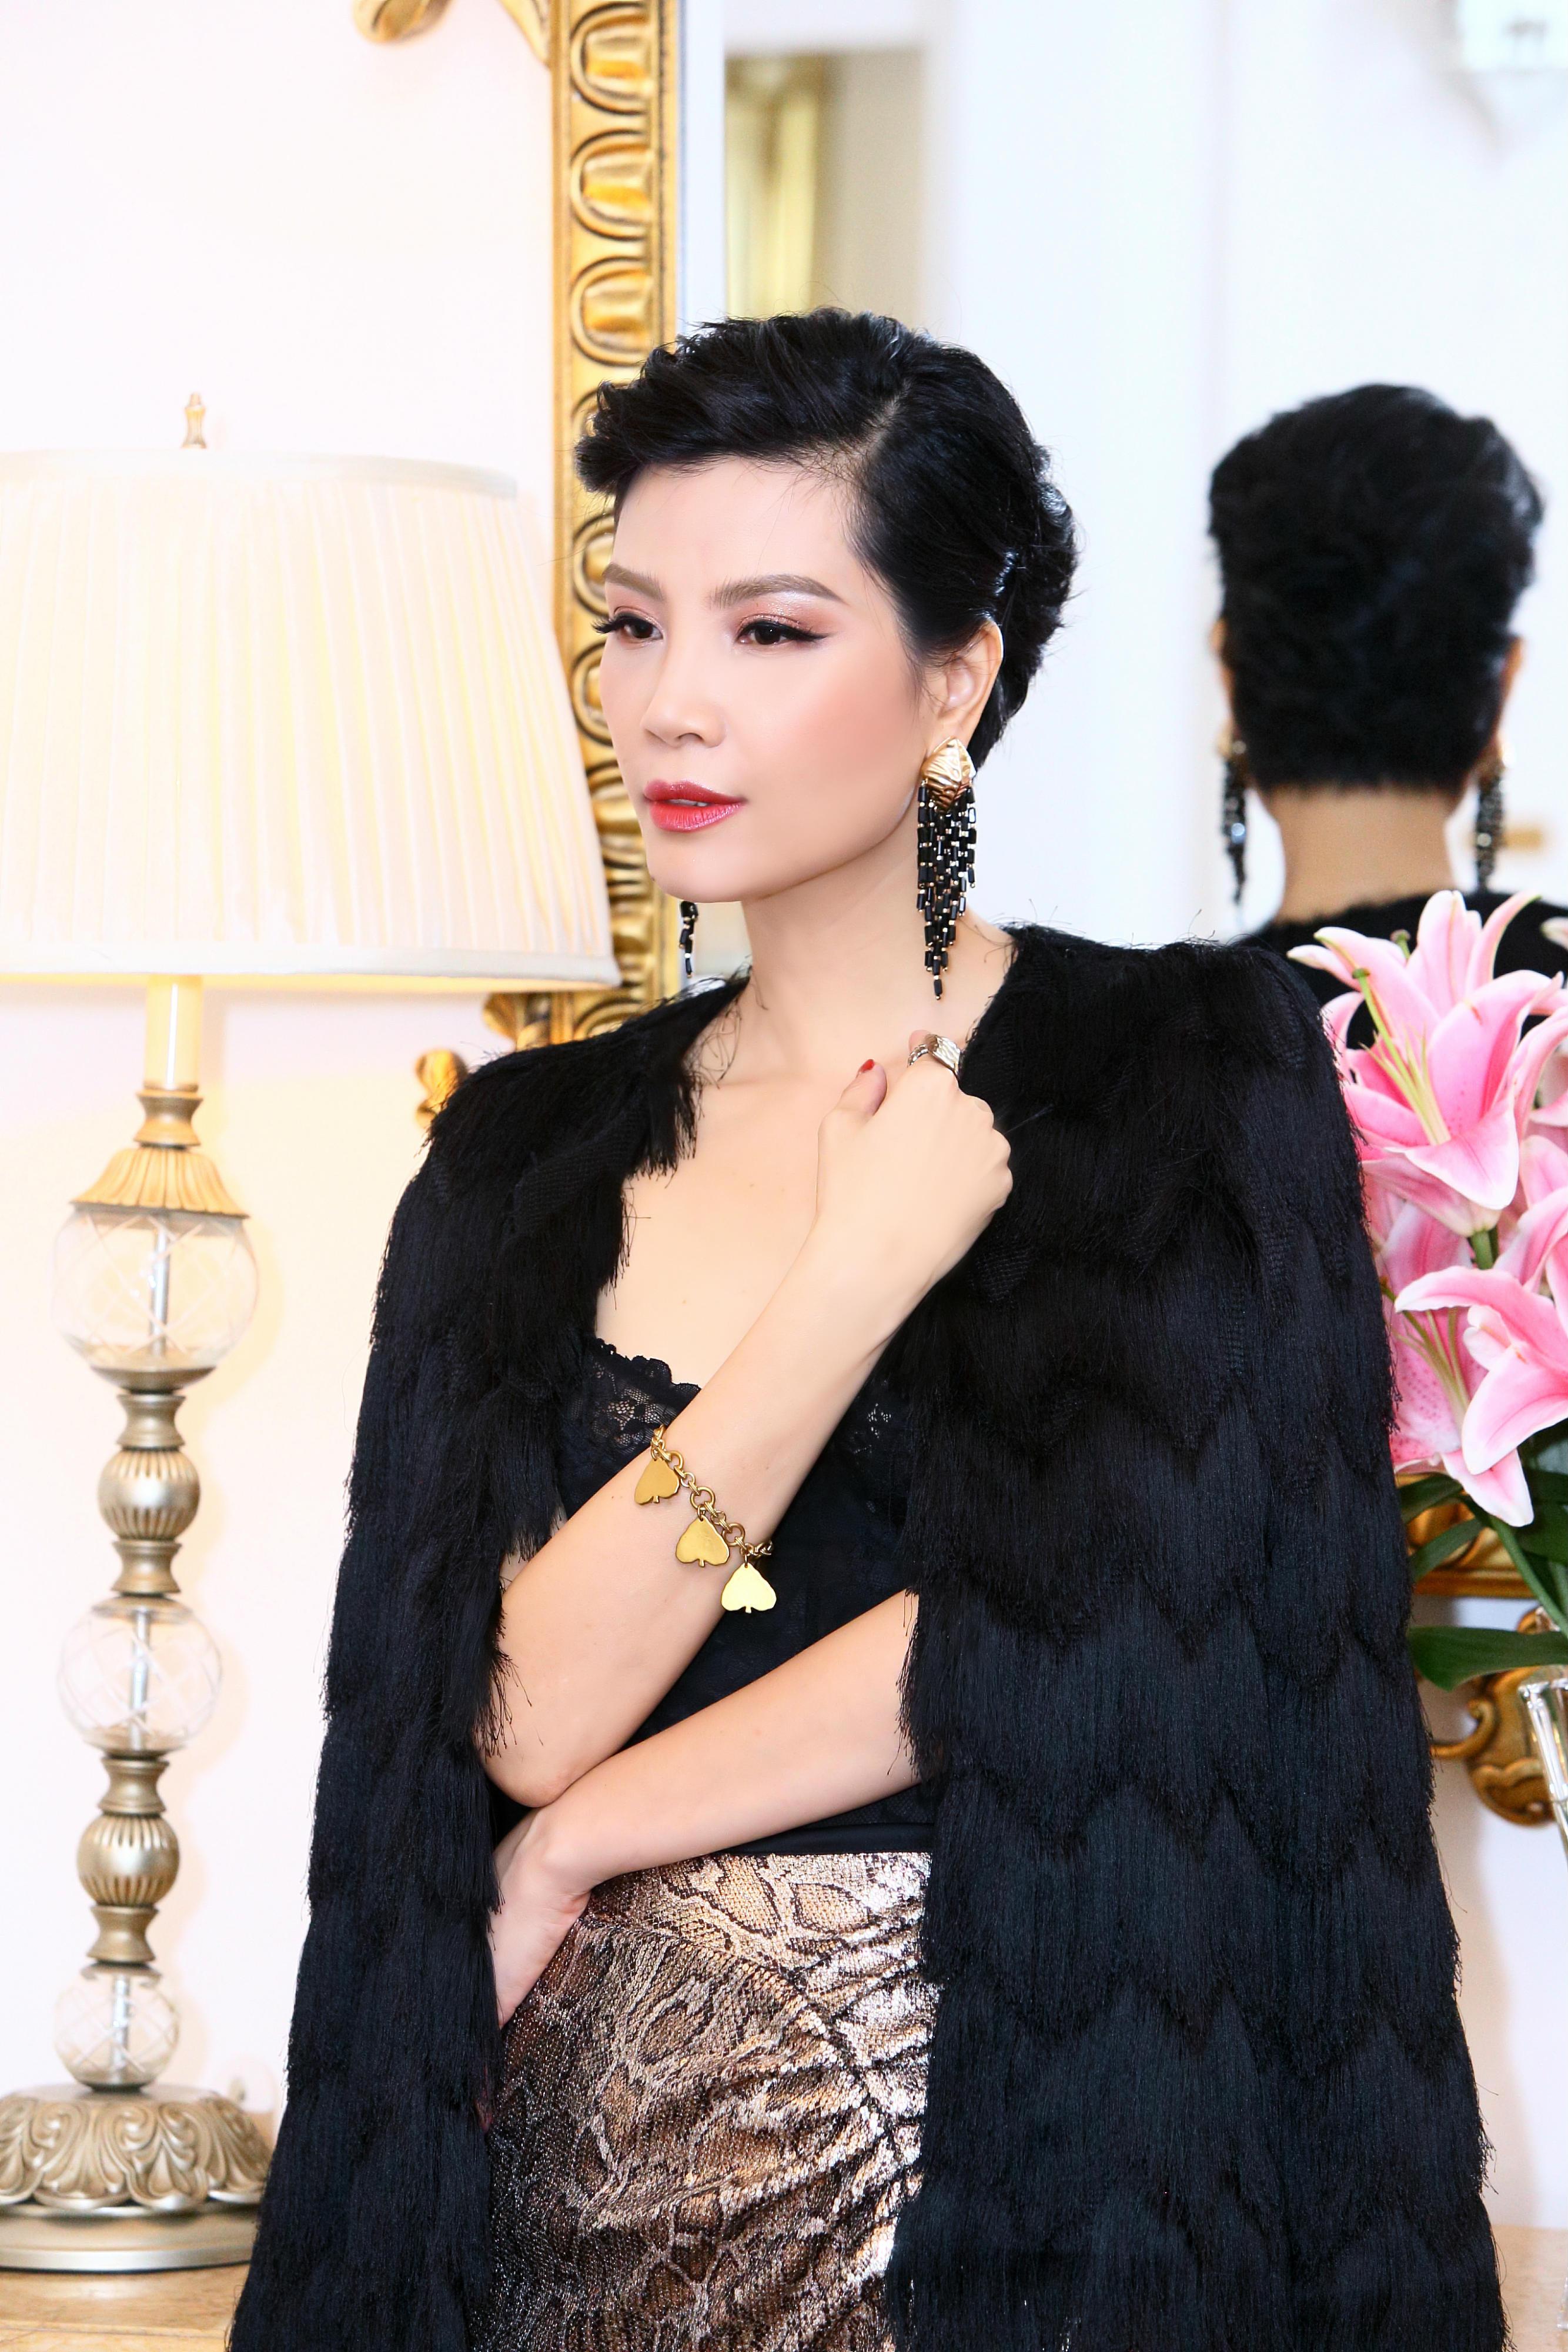 Vũ Cẩm Nhung sinh năm 1976. Cô  từng là siêu mẫu thế hệ đầu trong nước. Khi sự nghiệp đang thăng hoa, Vũ Cẩm Nhung từ bỏ nghiệp người mẫu và những vai diễn điện ảnh để lấy chồng và kinh doanh. Hiện người đẹp sinh năm 1976 cùng chồng là cổ đông lớn, điều hành một tập đoàn lớn về dược và mỹ  phẩm.